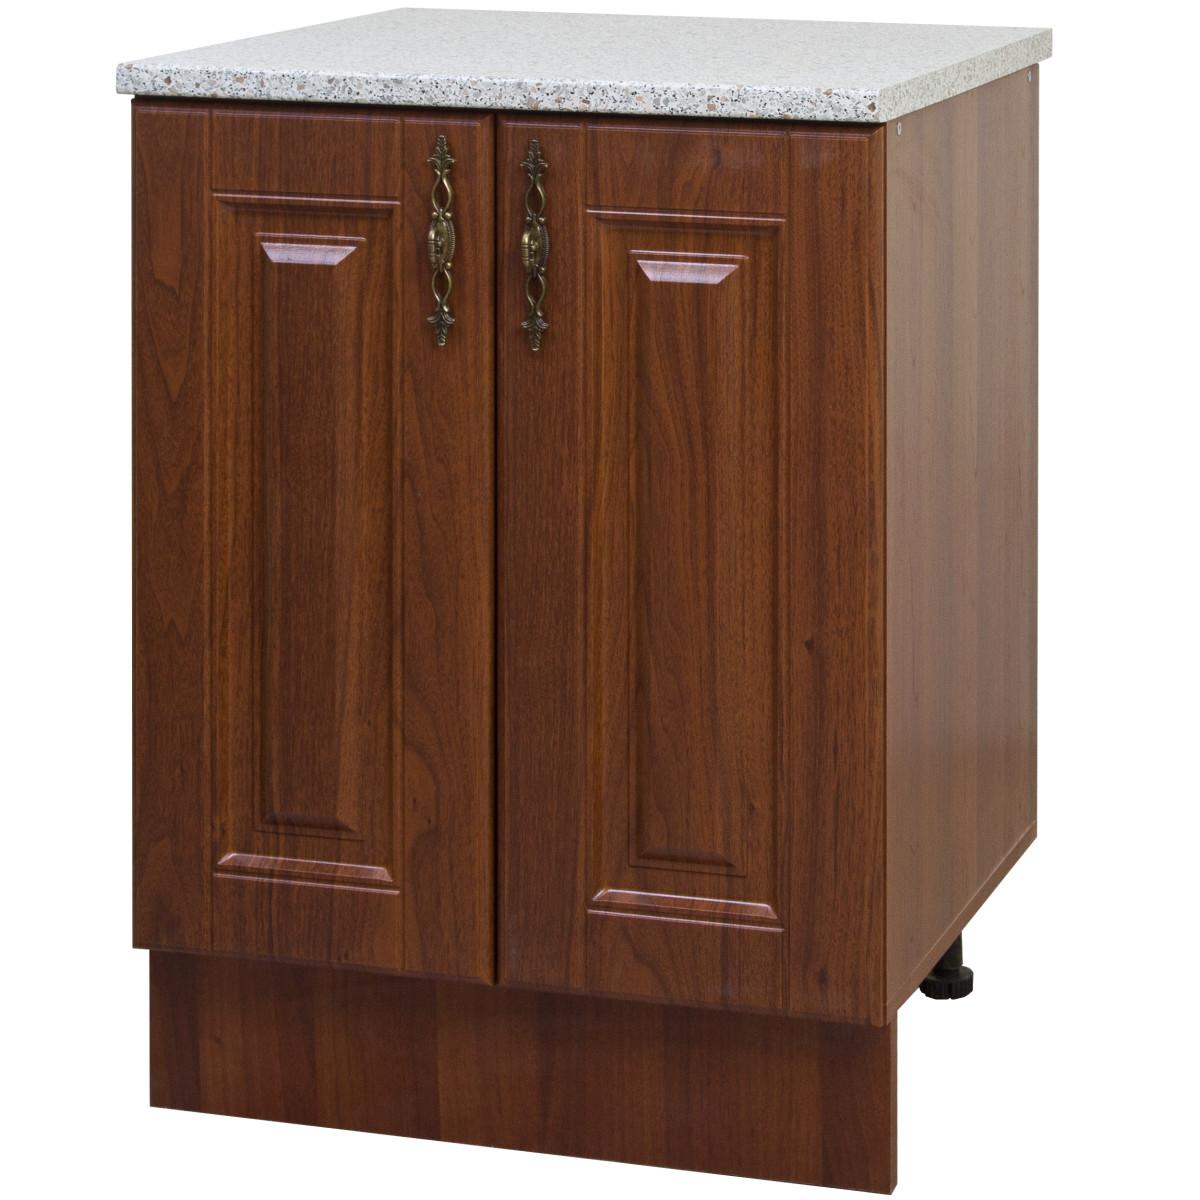 Шкаф напольный Орех Аква 60x86x60 см ЛДСП цвет коричневый